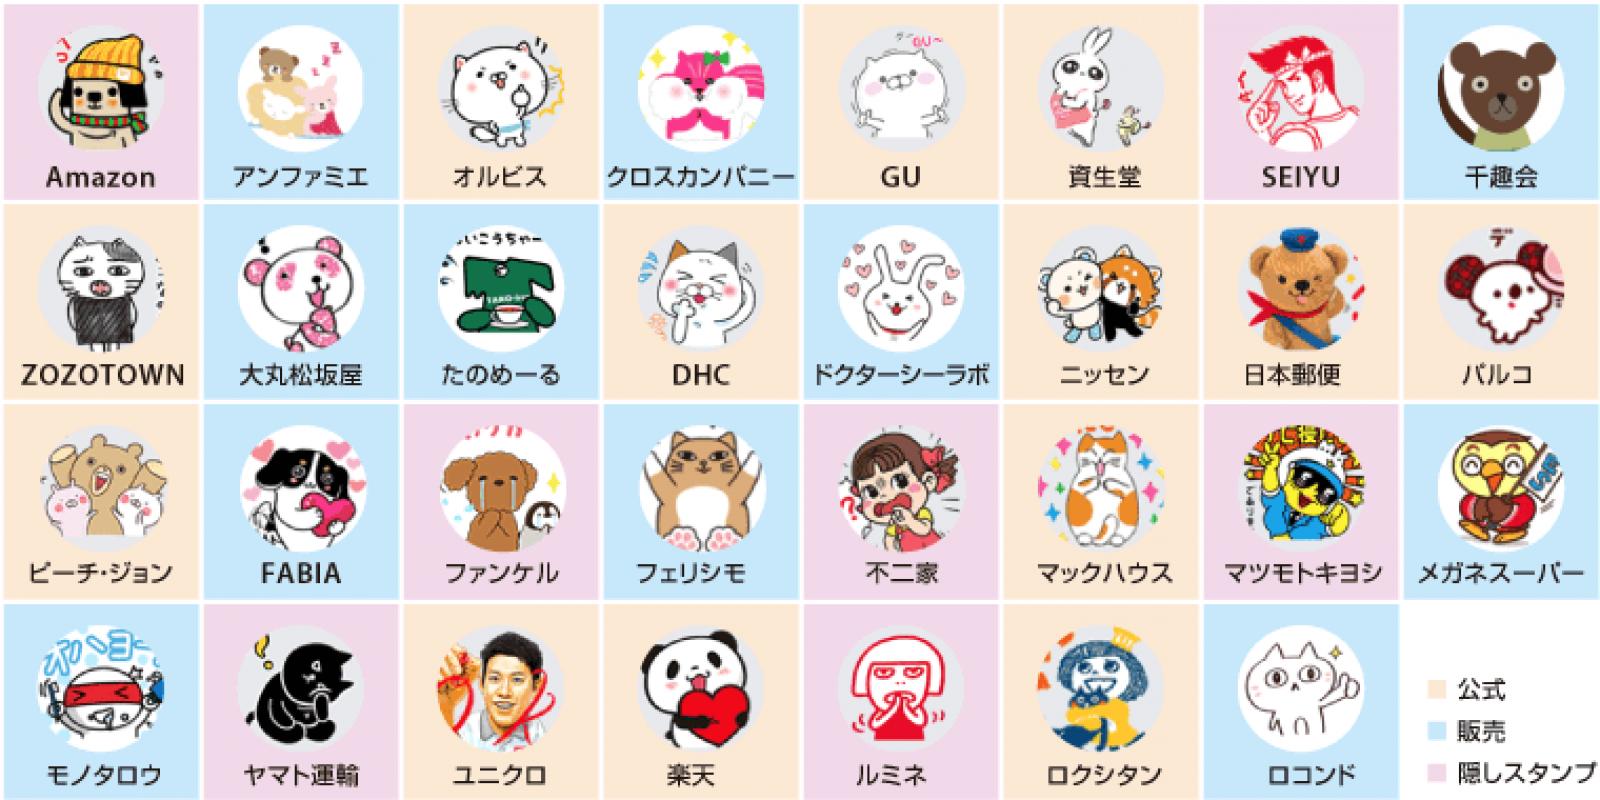 Lineスタンプを使ったec関連企業31社のキャラクター戦略 ネットショップ担当者フォーラム